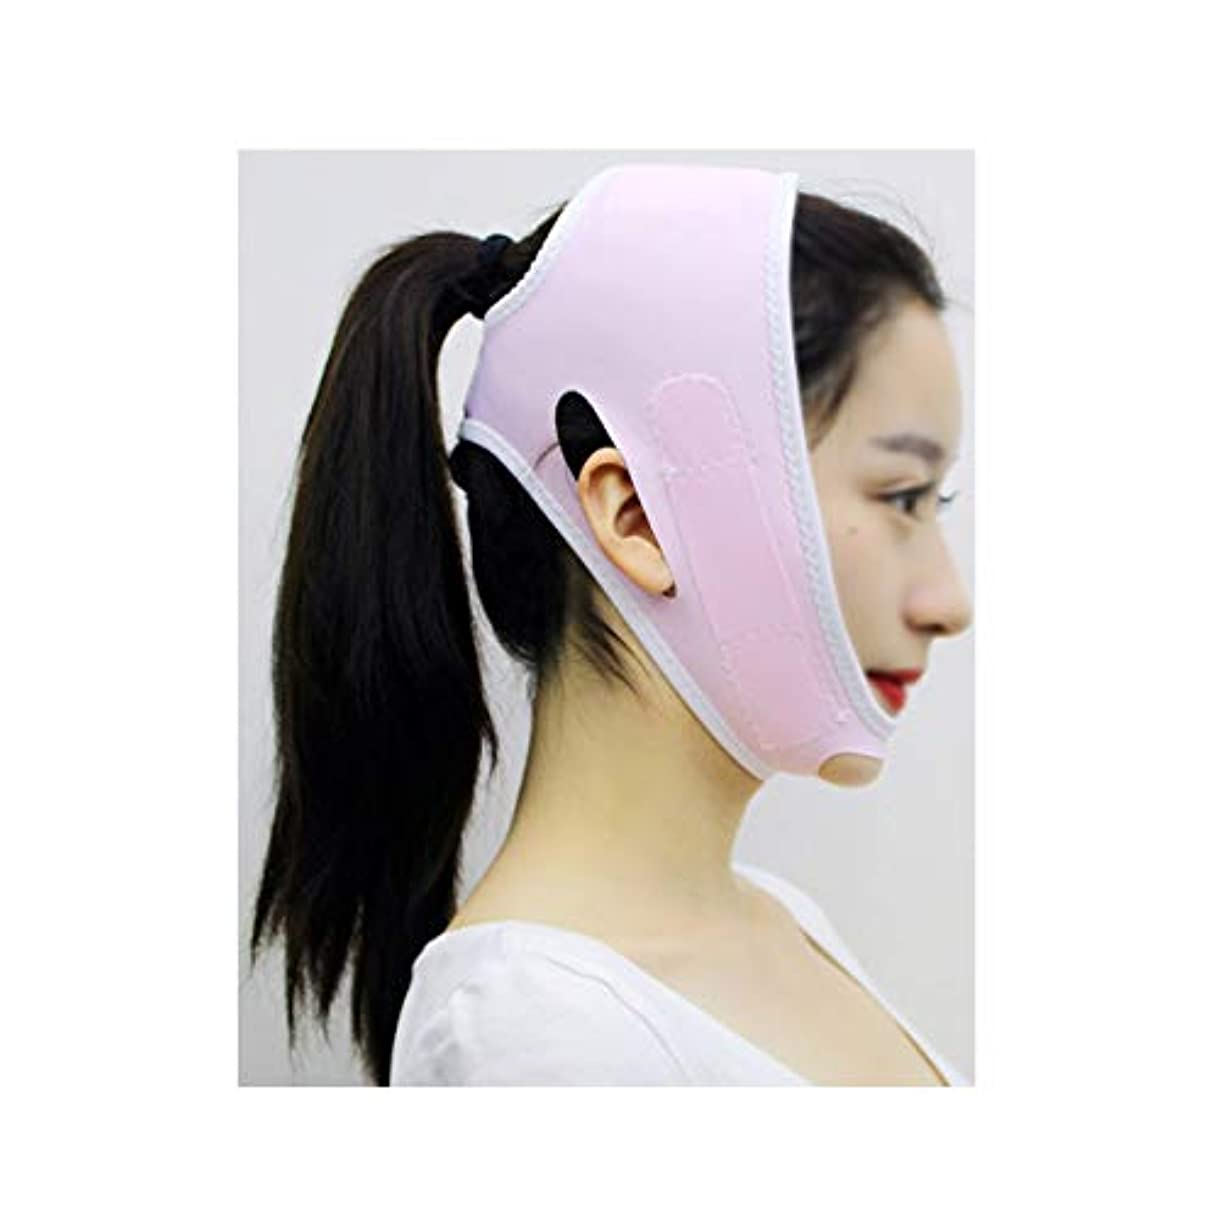 蒸気ピグマリオン命令TLMY フェイシャルリフティングマスクあごストラップ修復包帯ヘッドバンドマスクフェイスリフティングスモールVフェイスアーティファクト型美容弾性フェイシャル&ネックリフティング 顔用整形マスク (Color : Pink)